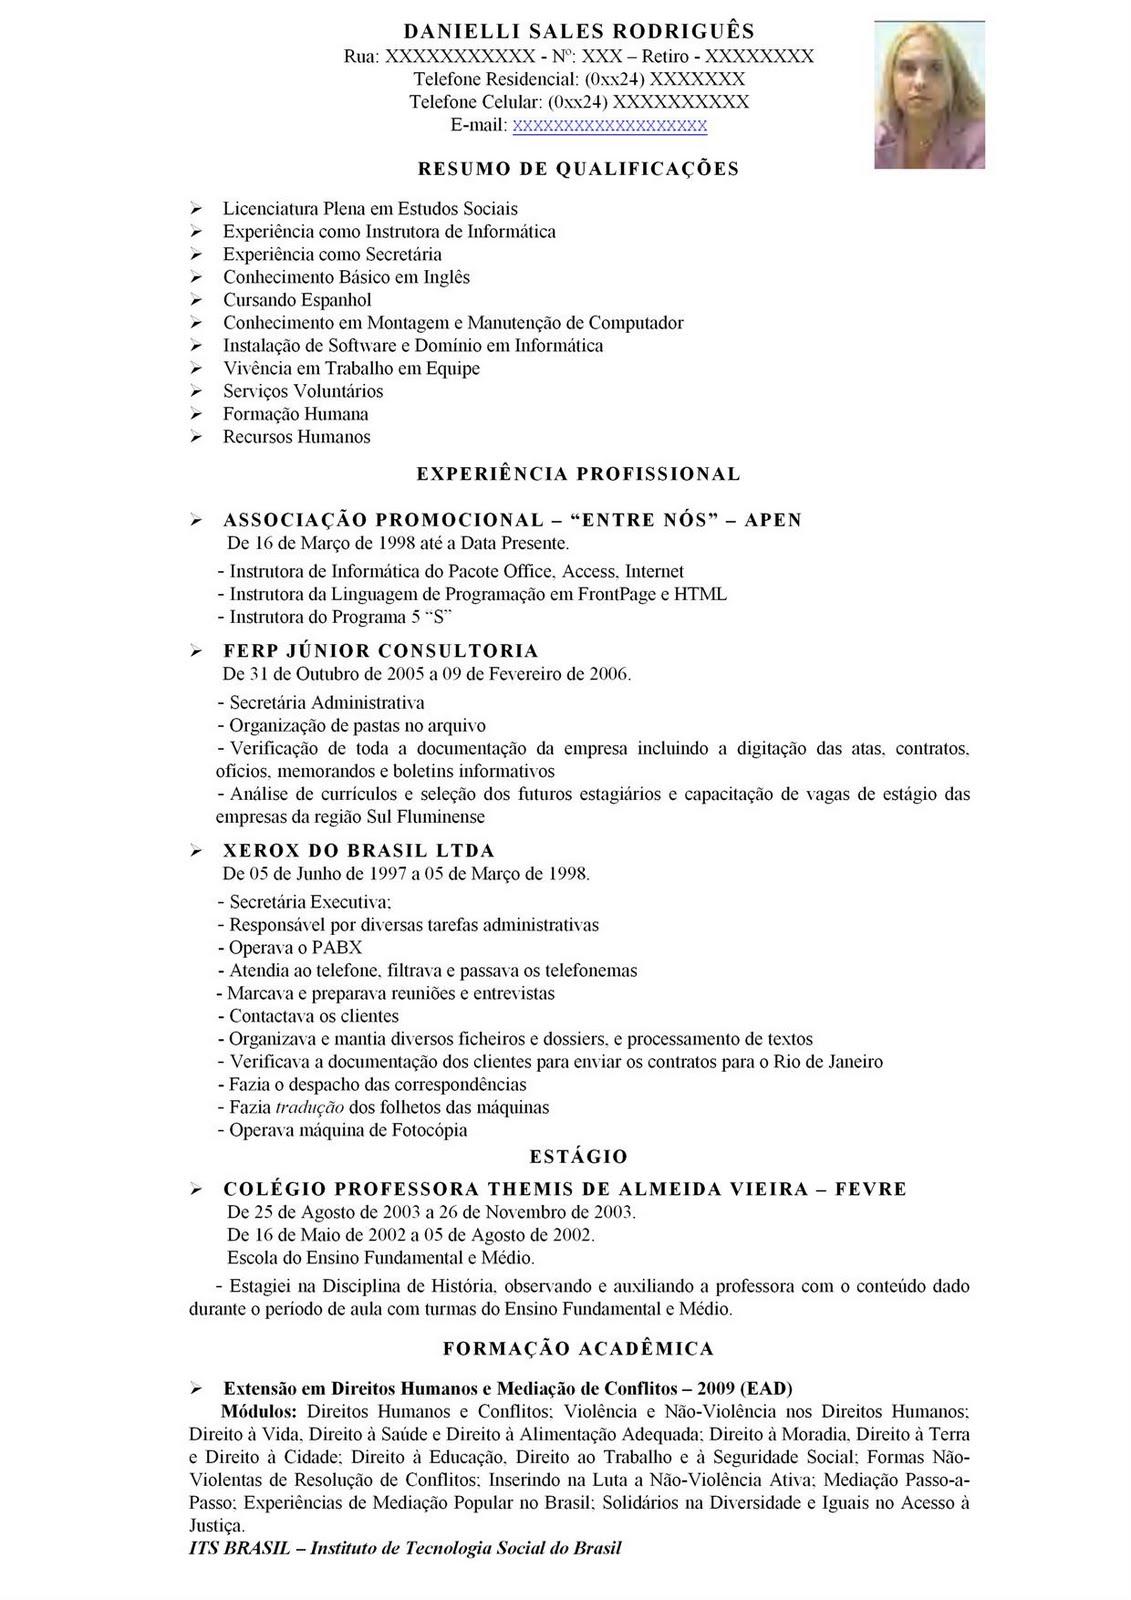 Modelos De Curriculum Prontos Botucatu Guia Botucatu